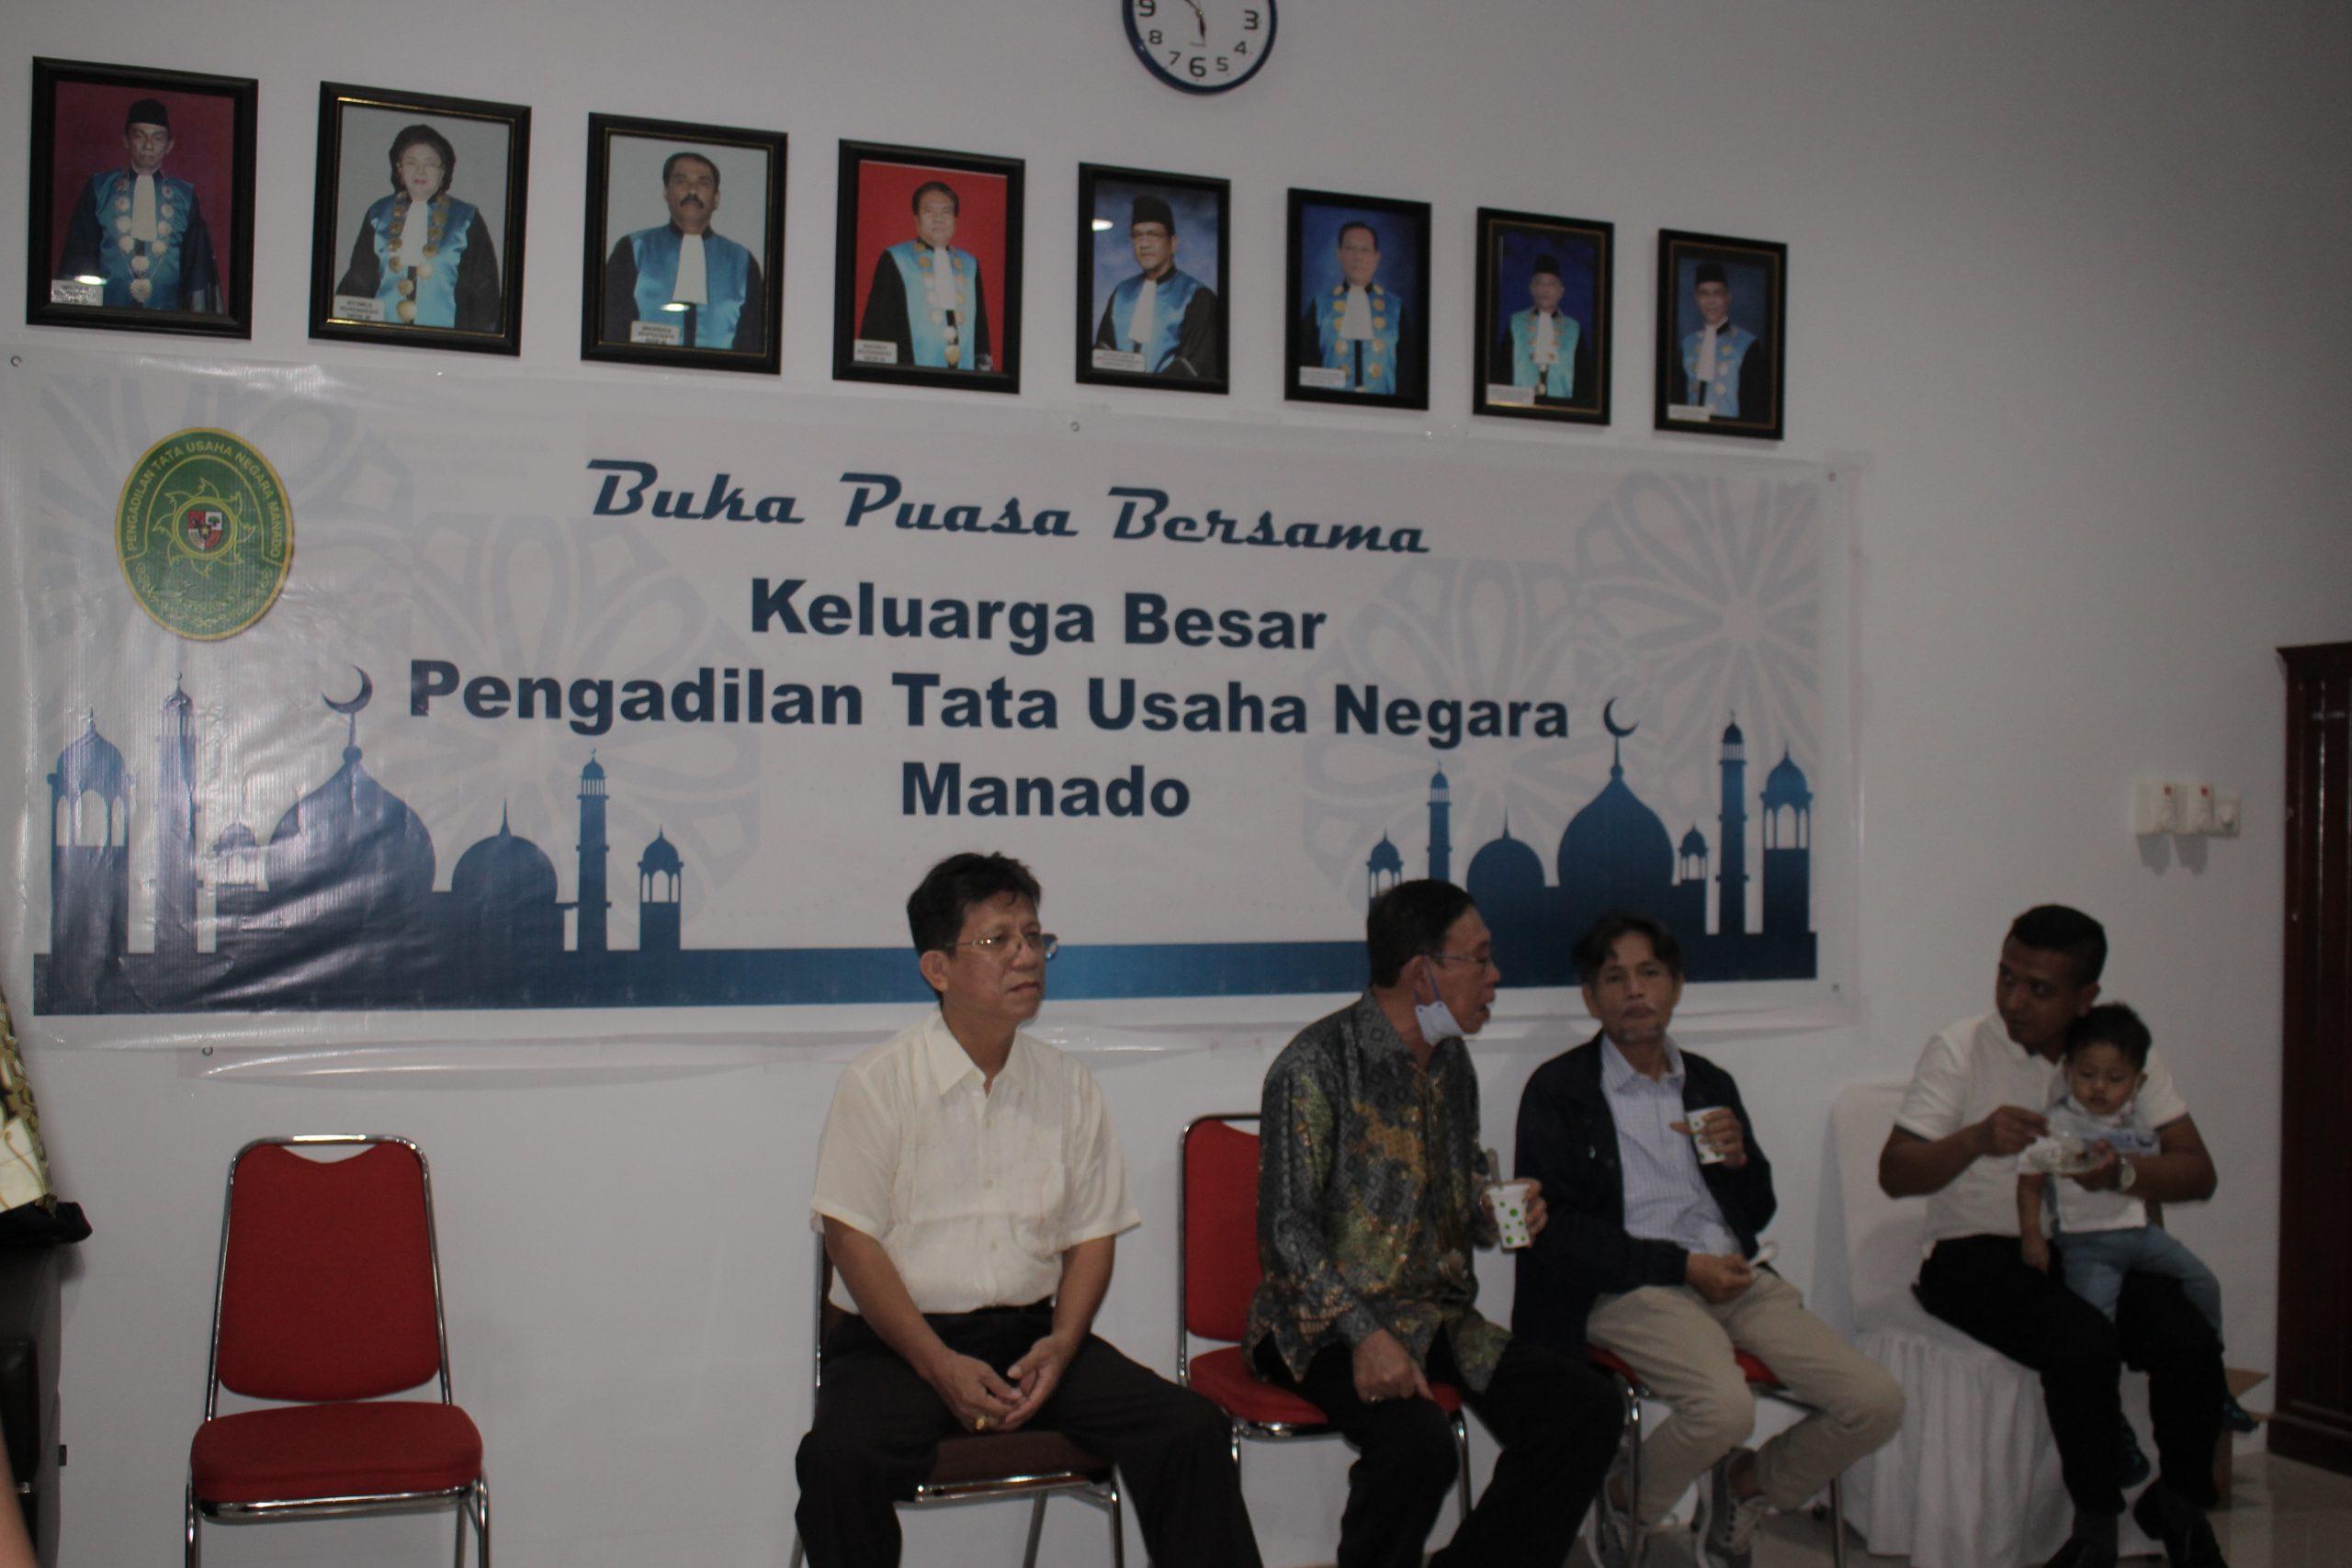 Acara Buka Puasa Bersama Keluarga Besar Pengadilan Tata Usaha Negara Manado